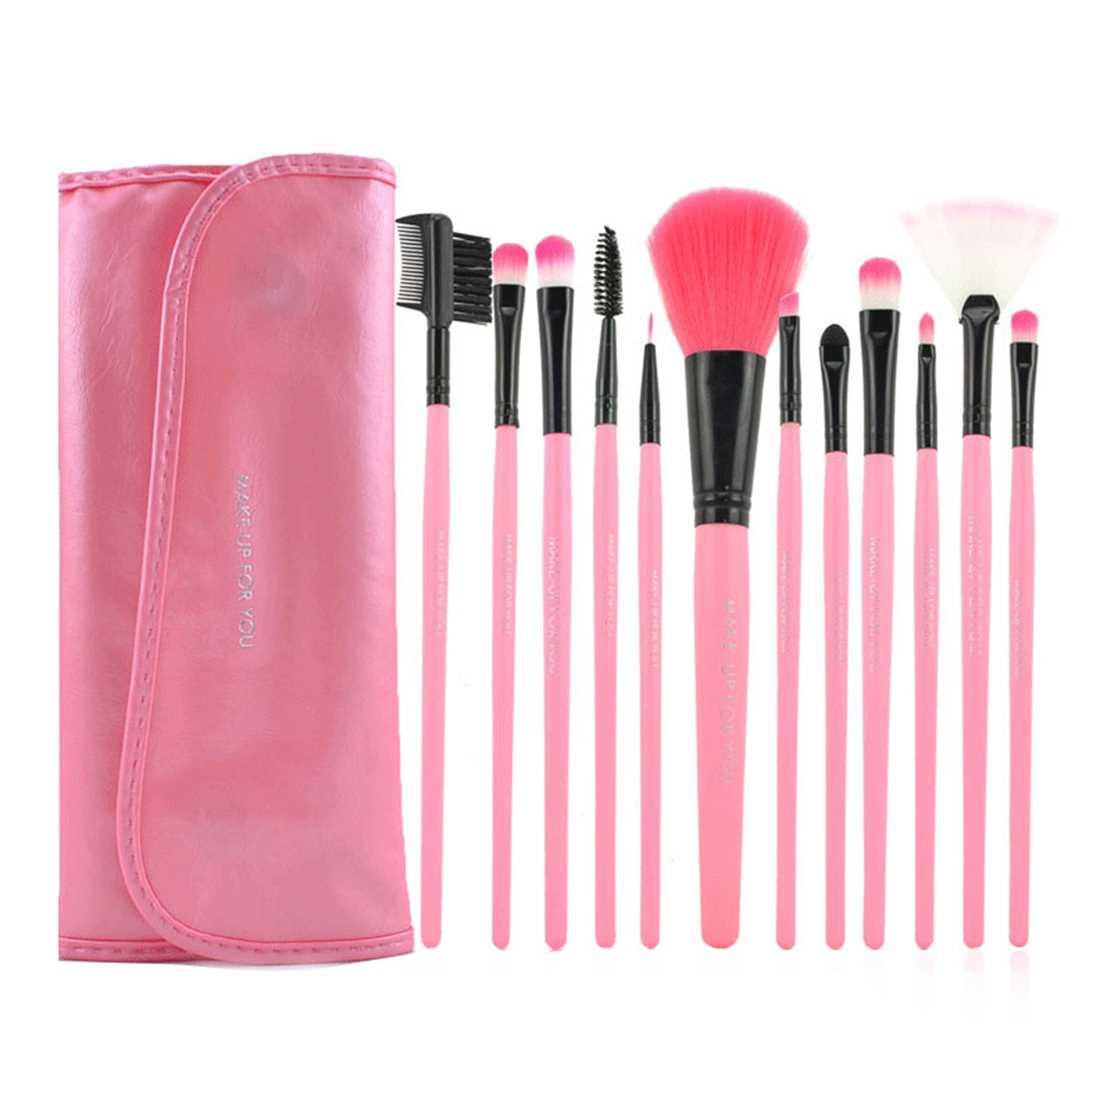 Hualiya Makeup Cosmetic Brush Set 12 Brushes with Case (Pink)